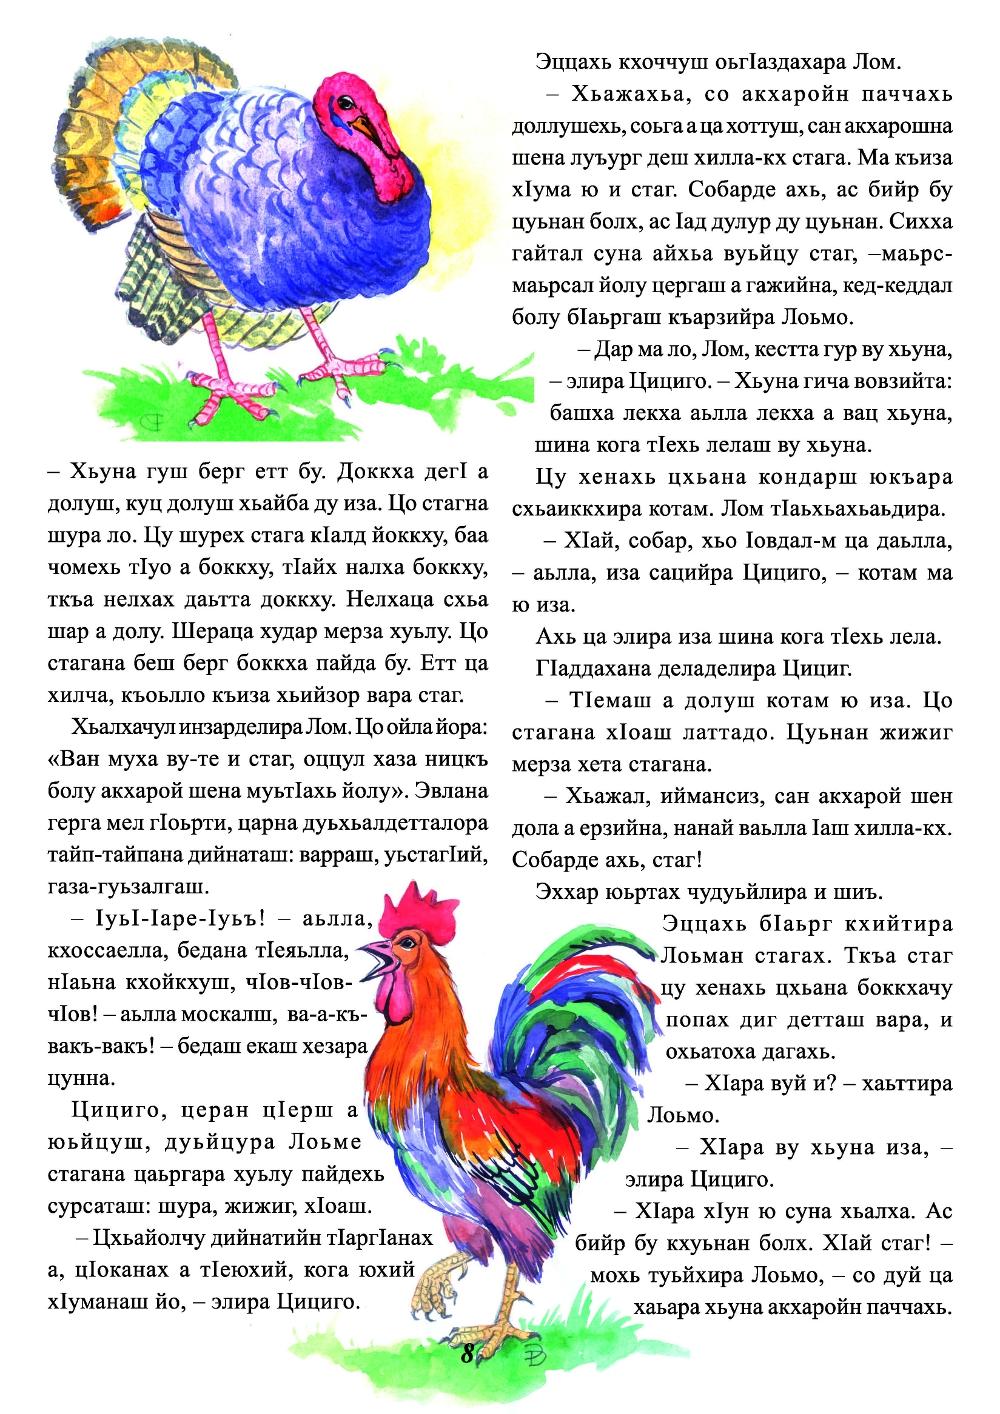 """Журнал """"Стела1ад"""", сказки, сказки на чеченском, Туьйранаш, чеченский язык"""